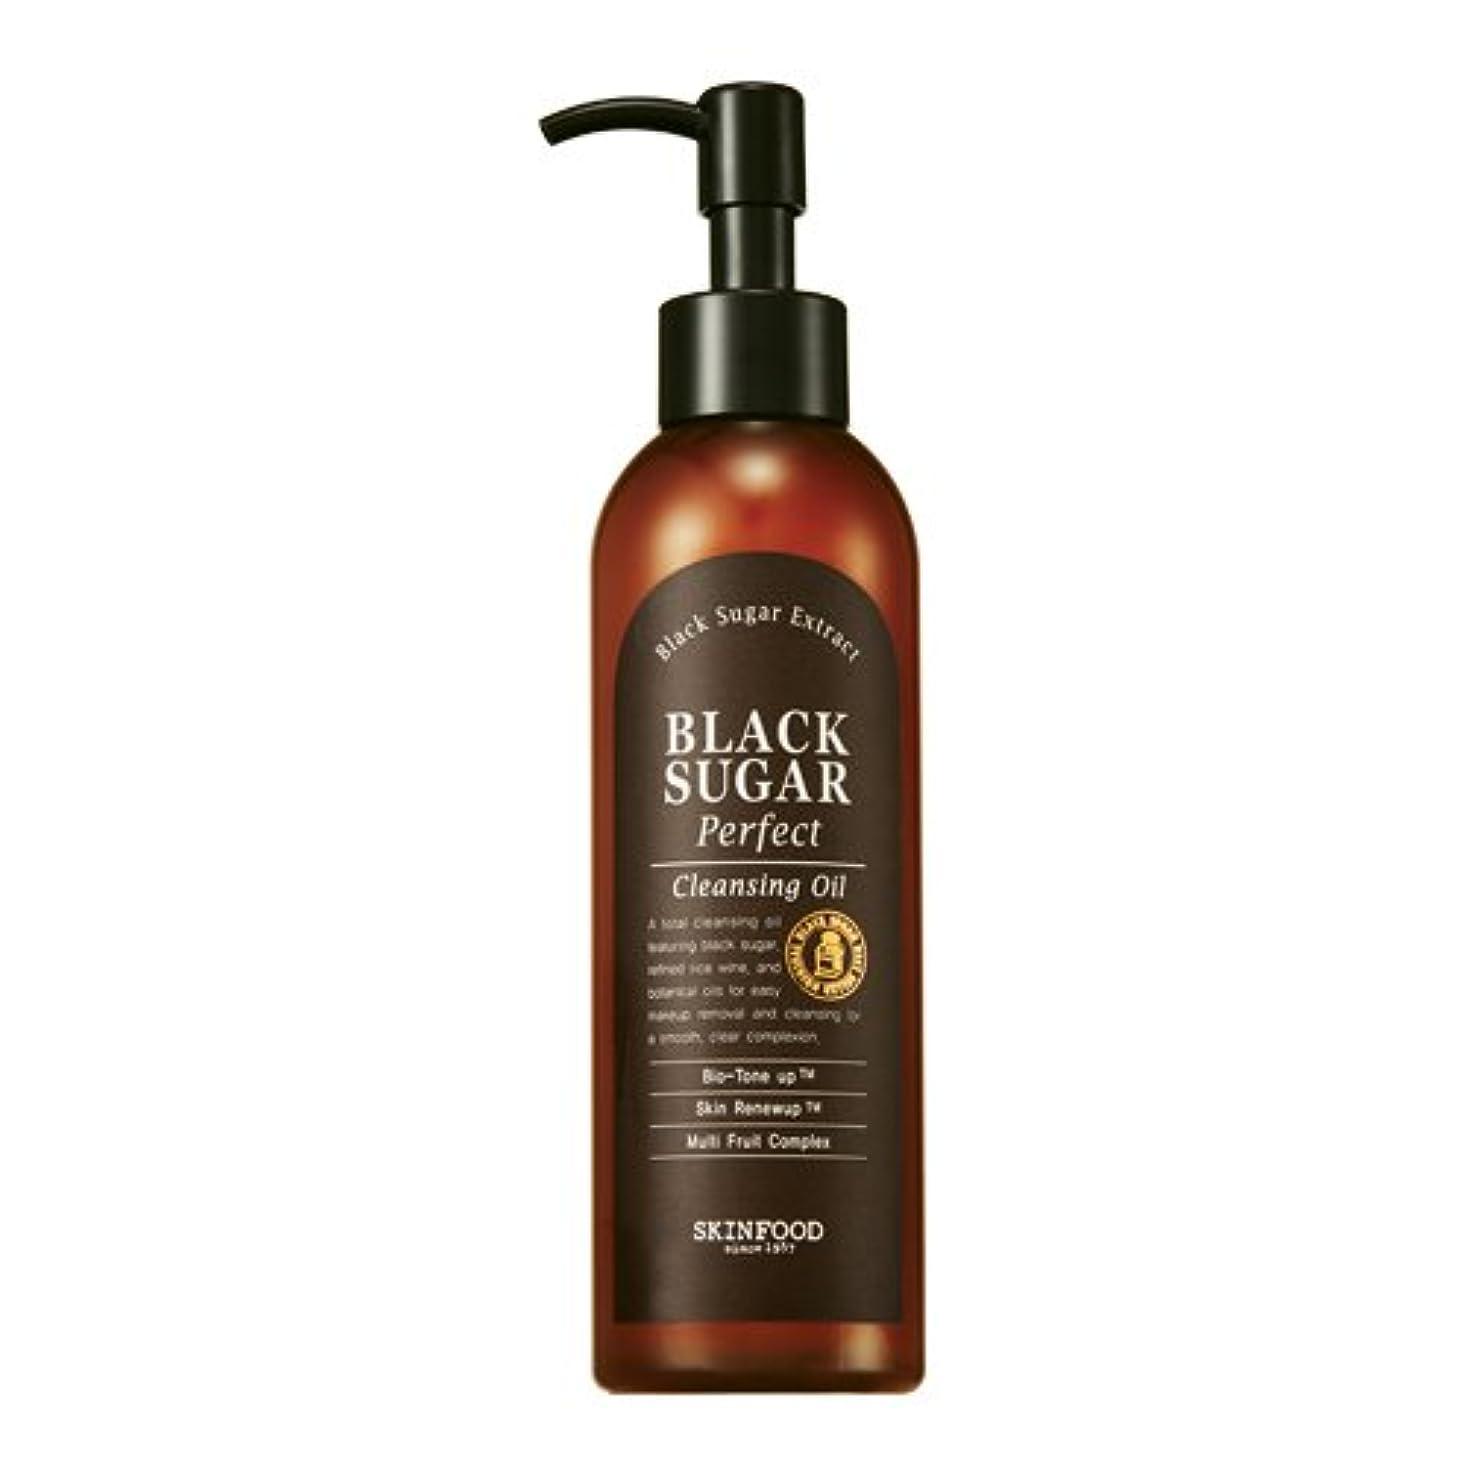 チーム報復する不満Skinfood/Black Sugar Perfect Cleansing Oil/ブラックシュガーパーフェクトクレンジングオイル/200ml [並行輸入品]